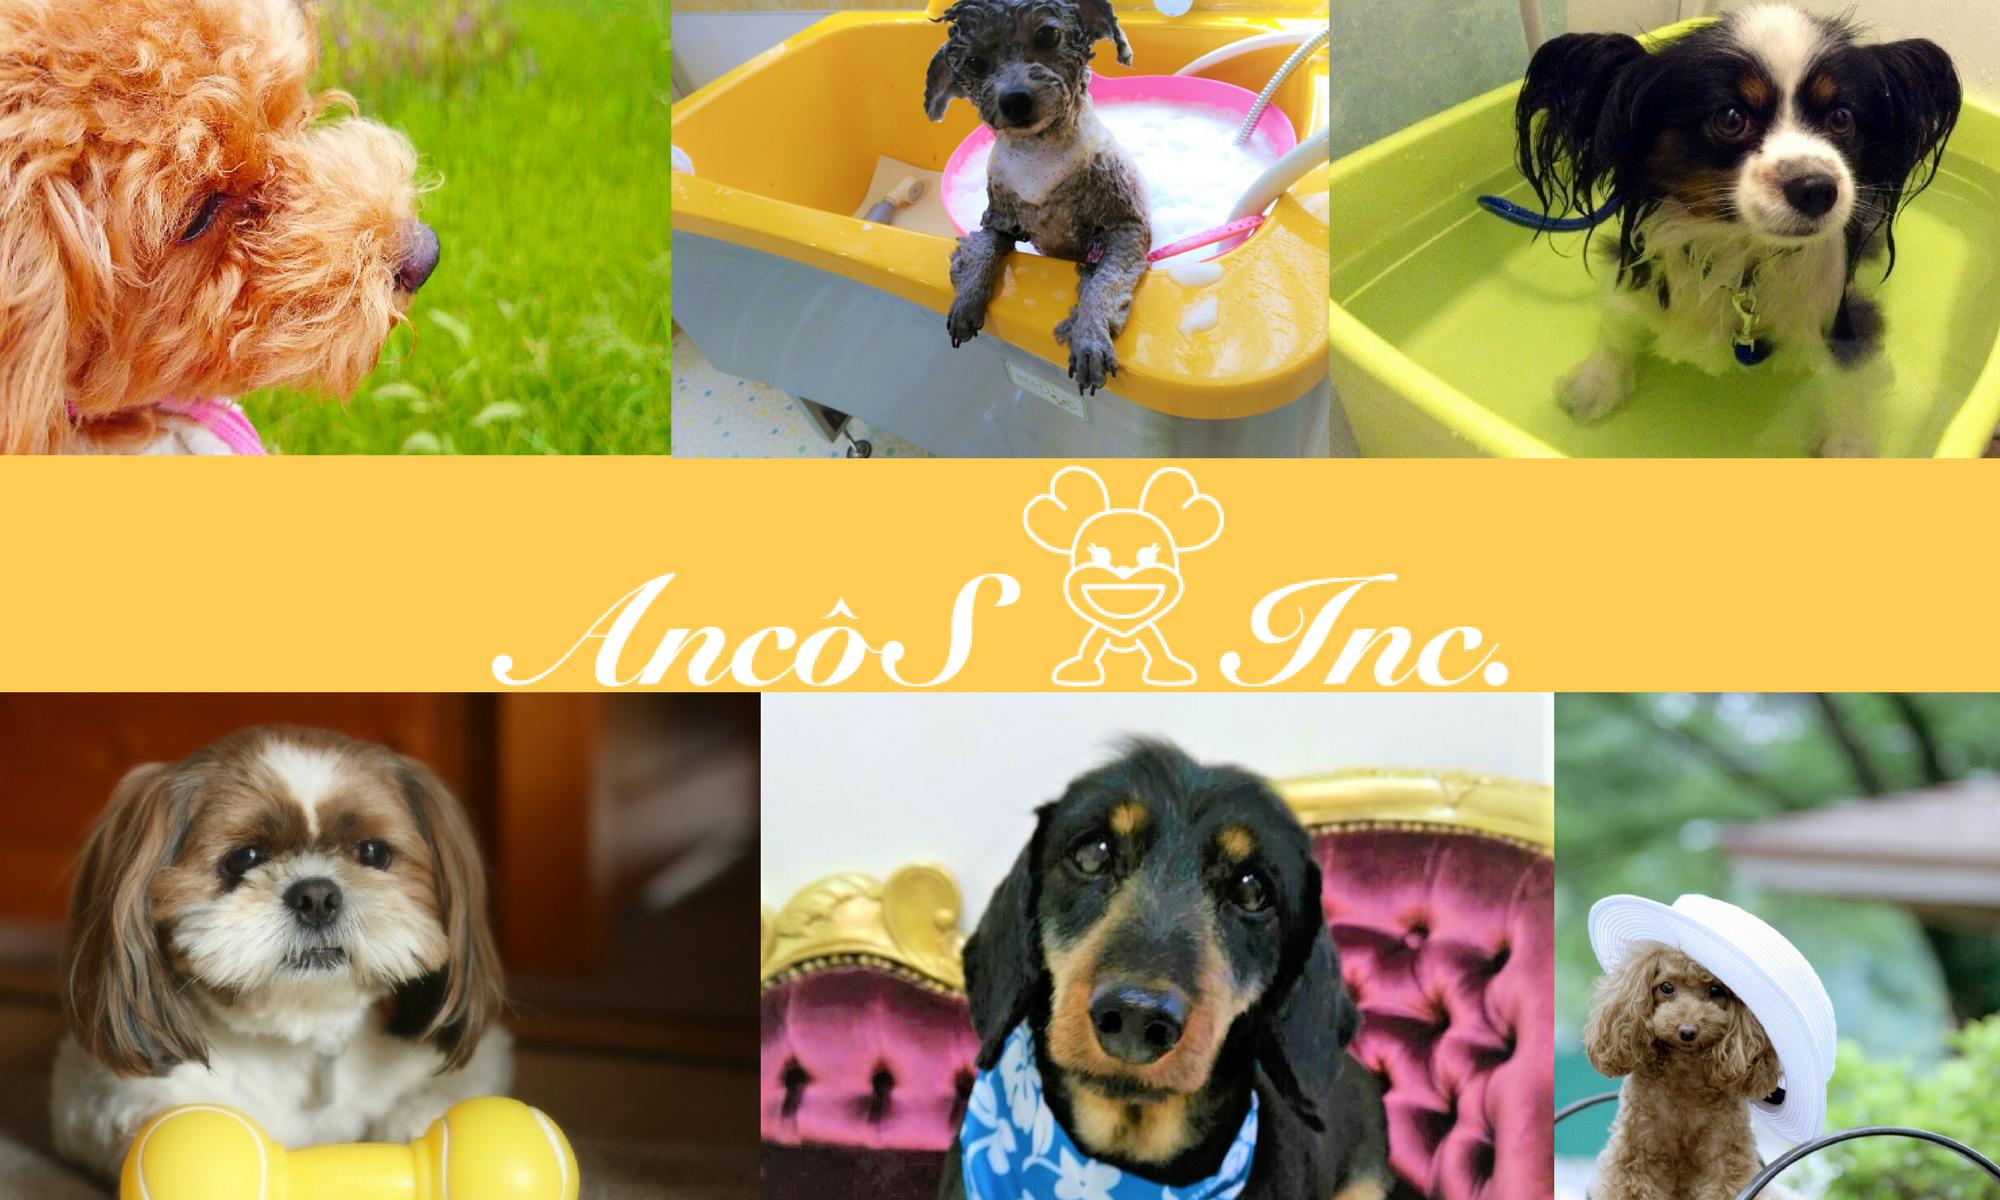 AncoS-アンコーズ-|大阪府守口市のドッグトリミングサロン/犬